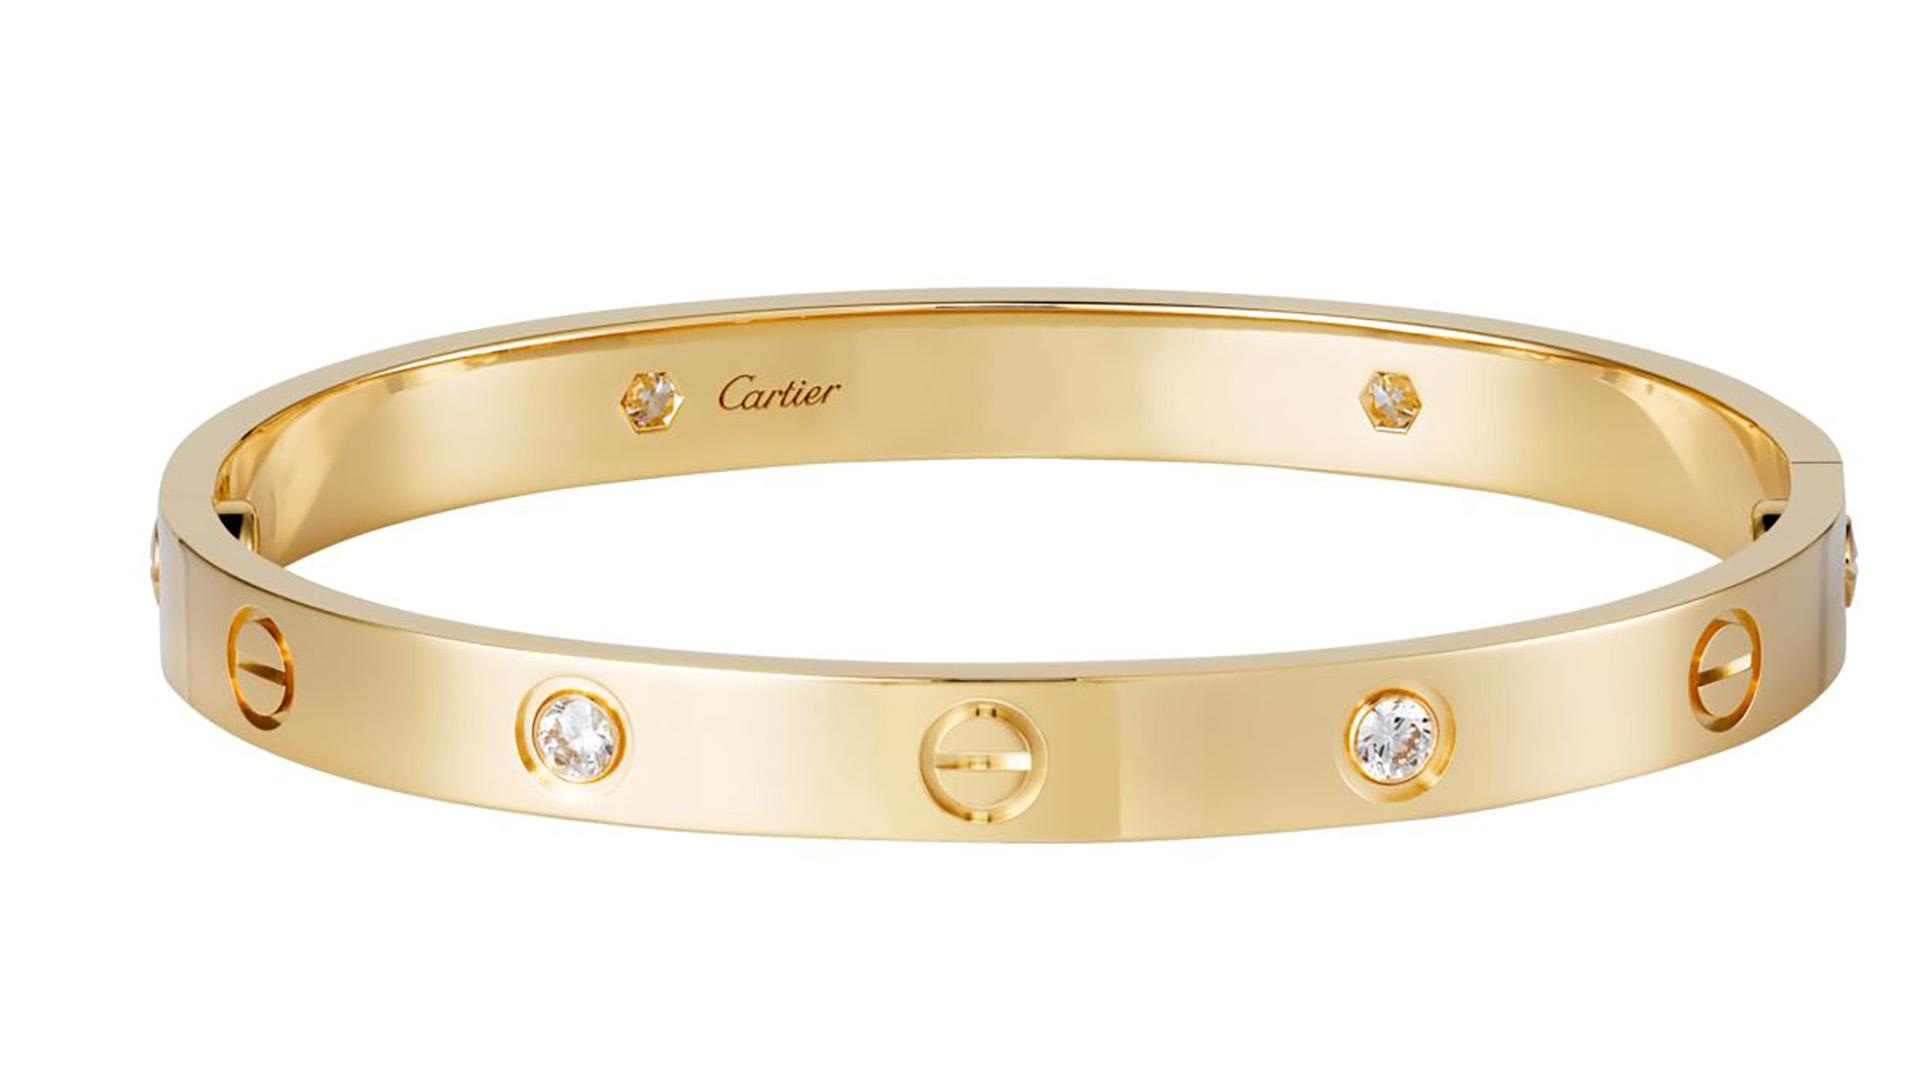 """La esclava perteneciente a la coleccón """"Love"""" tiene una gran historia detrás. Fue creada para una pequeña niña en la década de los setenta en Nueva York como un símbolo de amor. Estas pulseras se venden en oro amarillo u oro rosa de 18 quilates, engastada con 4 diamantes de 0,42, y generalmente son regaladascomo un gesto de amor y cariño hacia la otra persona (Cartier)"""